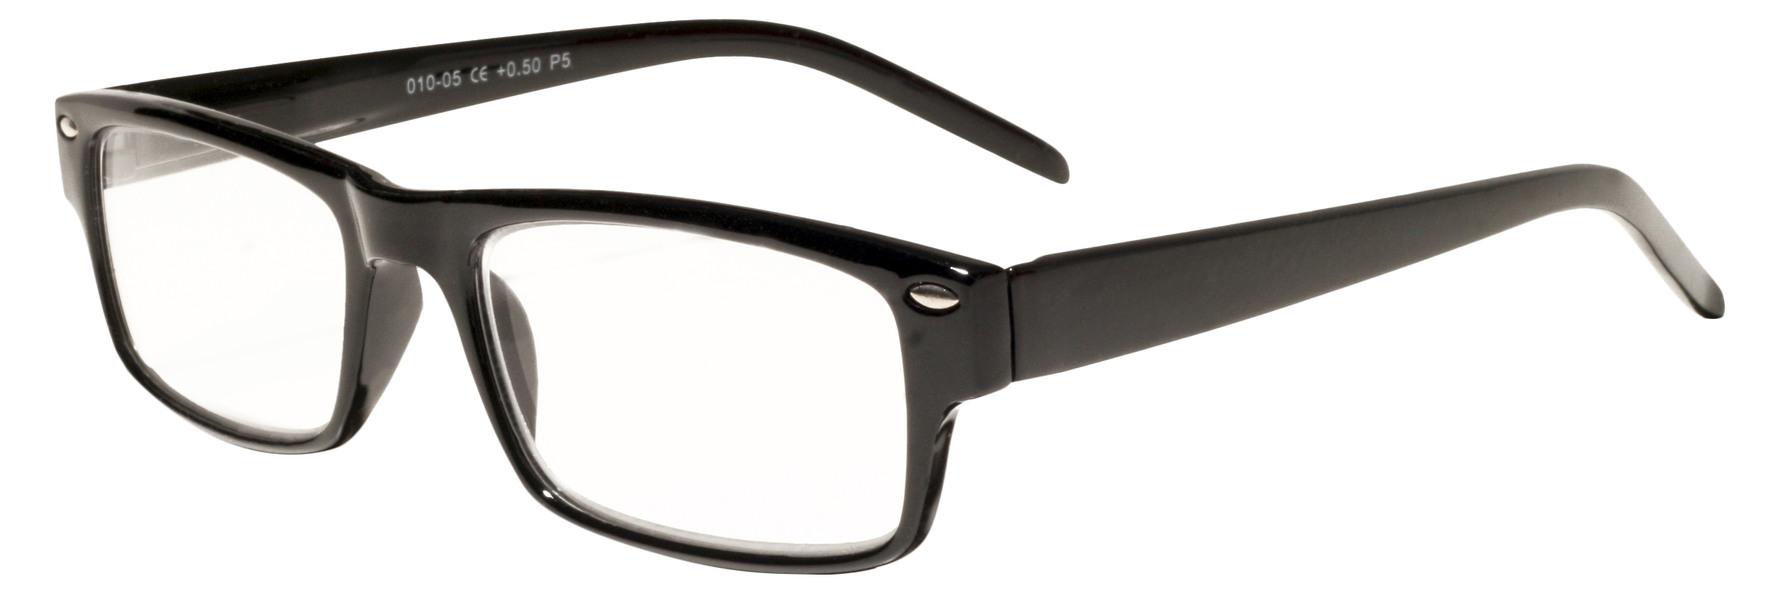 9bd9b62fba87 Prestige P5 Black læsebrille